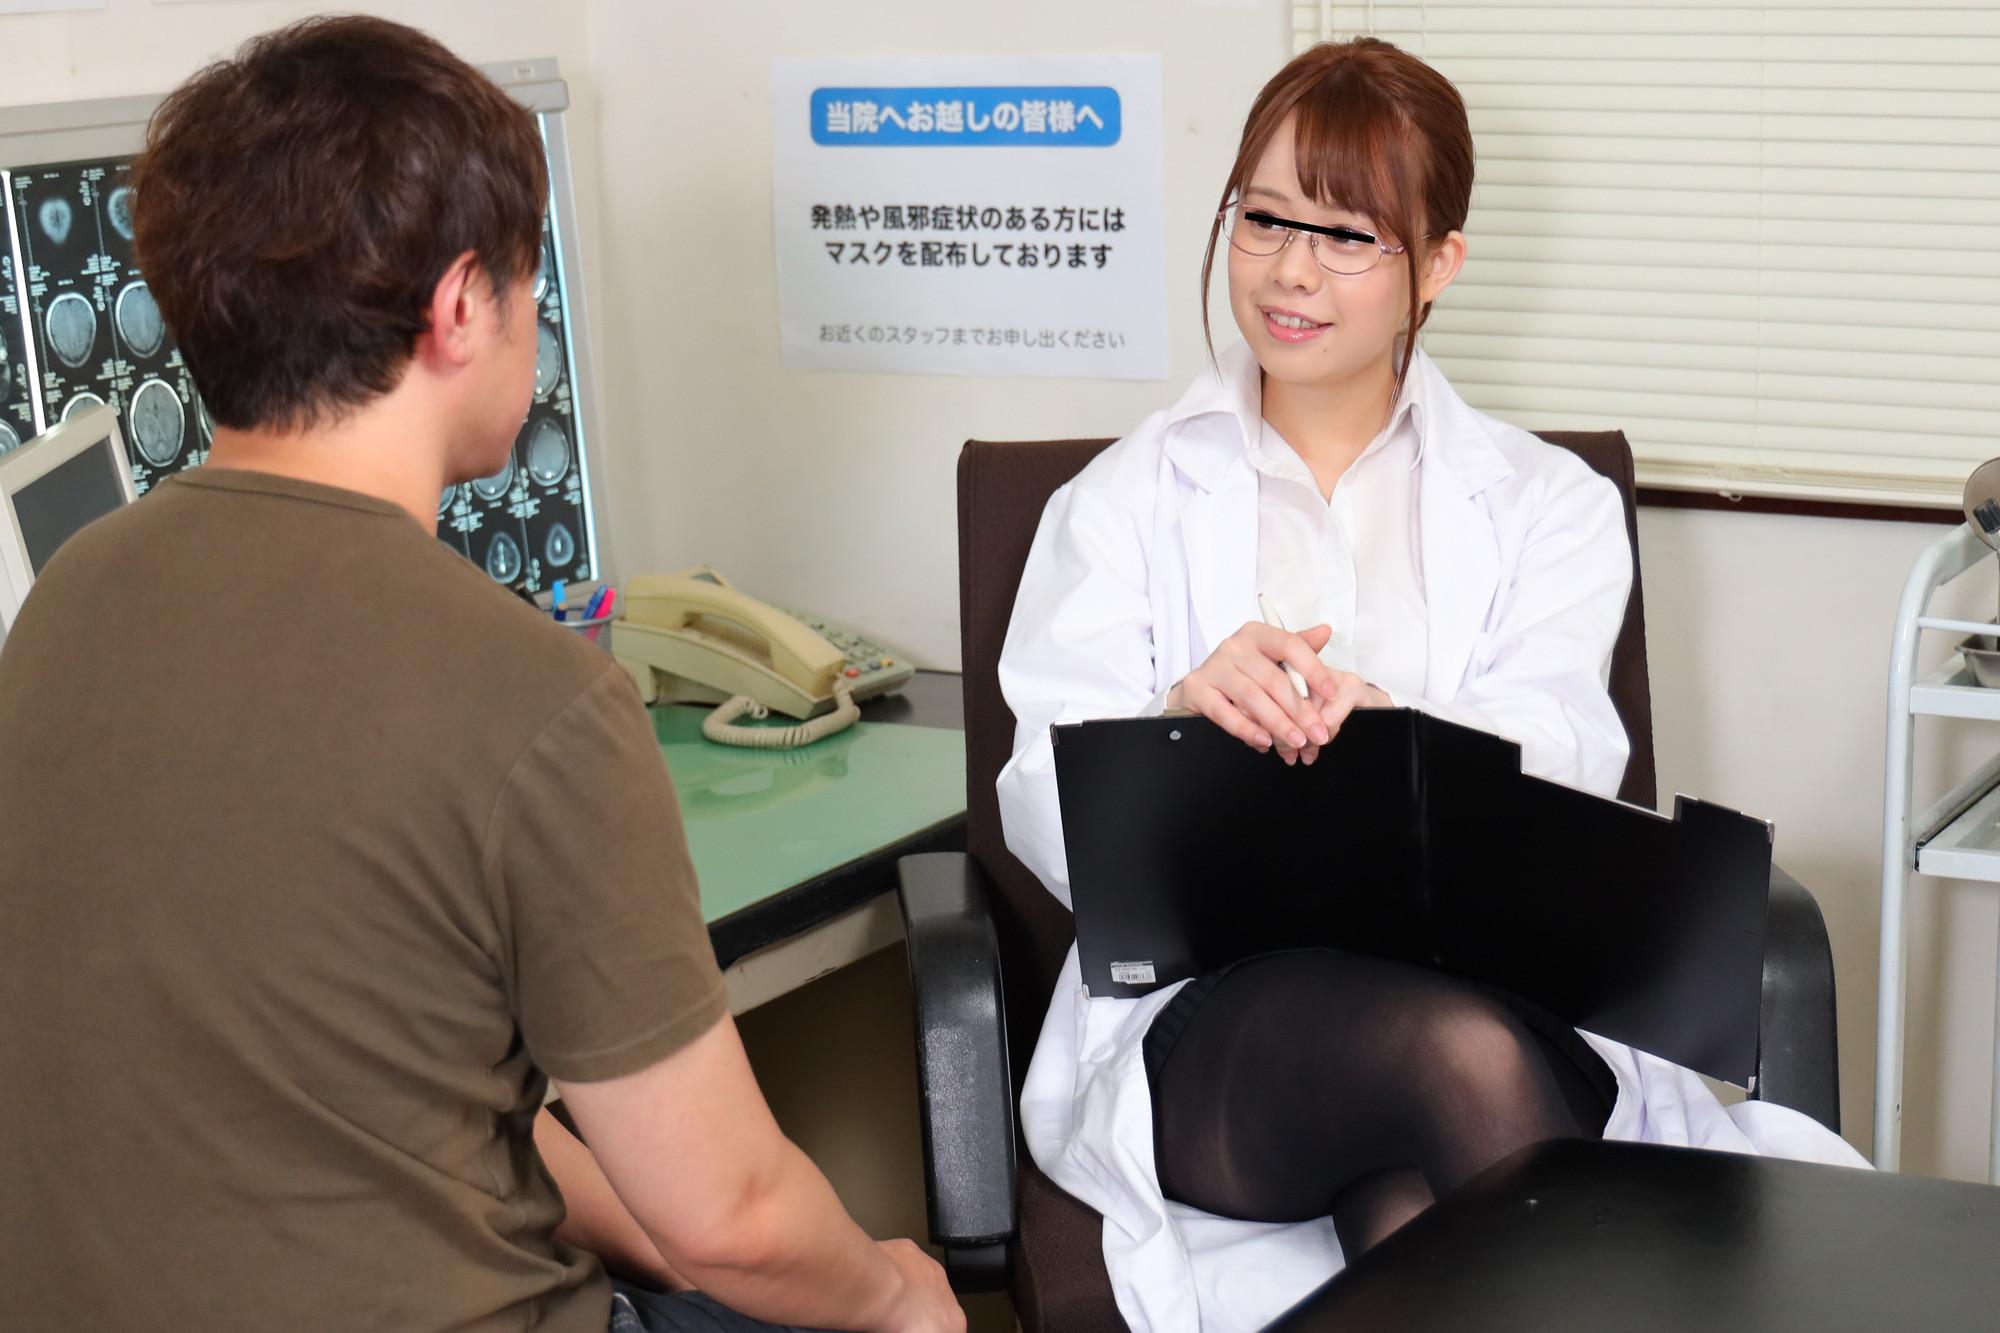 不妊治療の採精室に行く前に1勃起不全検査と称してセンズリ鑑賞→2精液検査と称してフェラごっくん→3私で孕ませられるかと性交検査逆セクハラ中出しでソソられまくり、勝手に性処理精液搾取されたボク